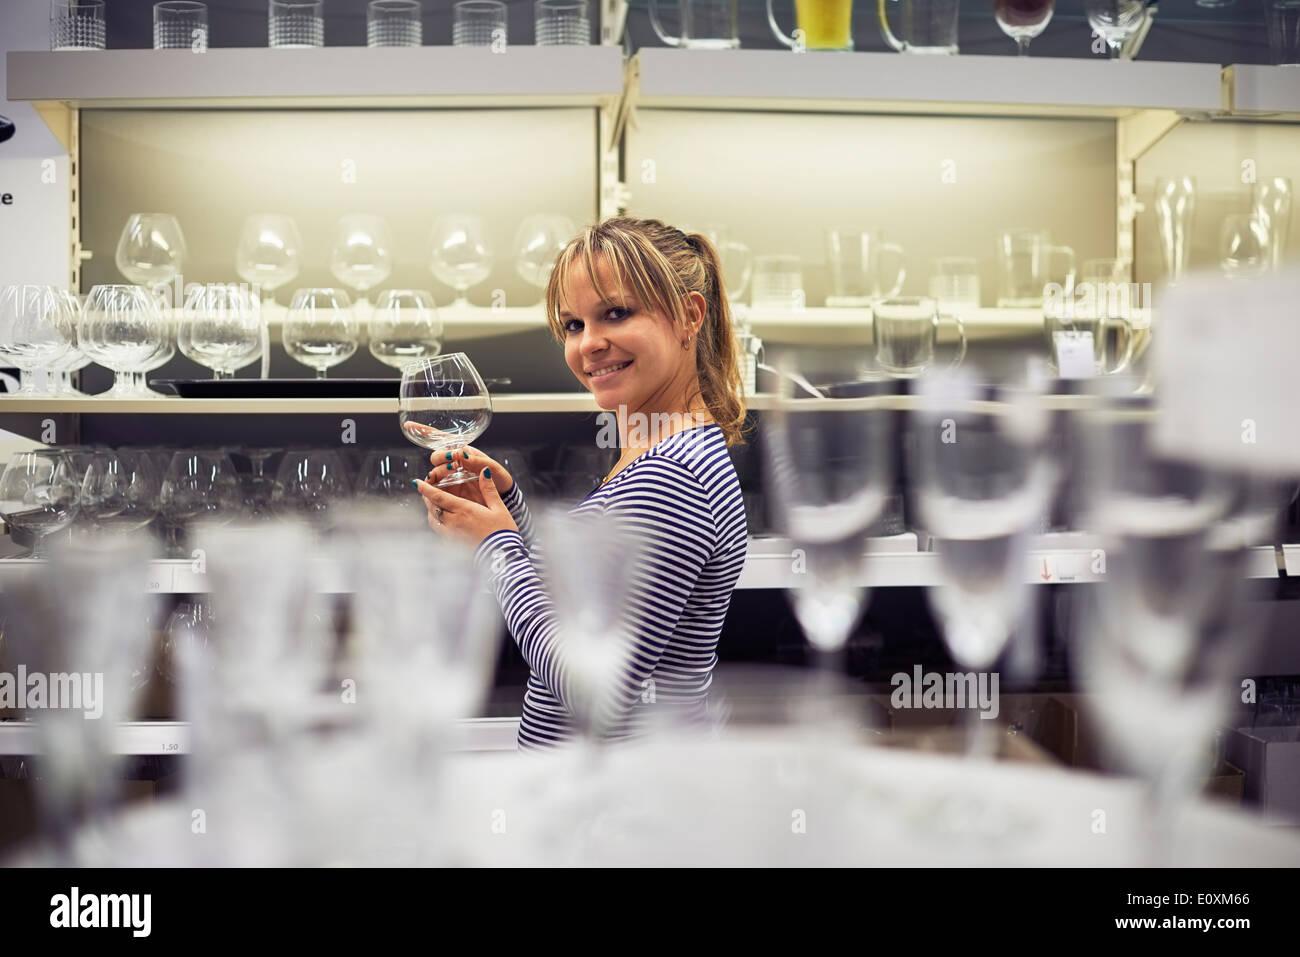 hispanischen Mädchen für Möbel, Gläser, Geschirr und Home Dekor im Store einkaufen Stockbild